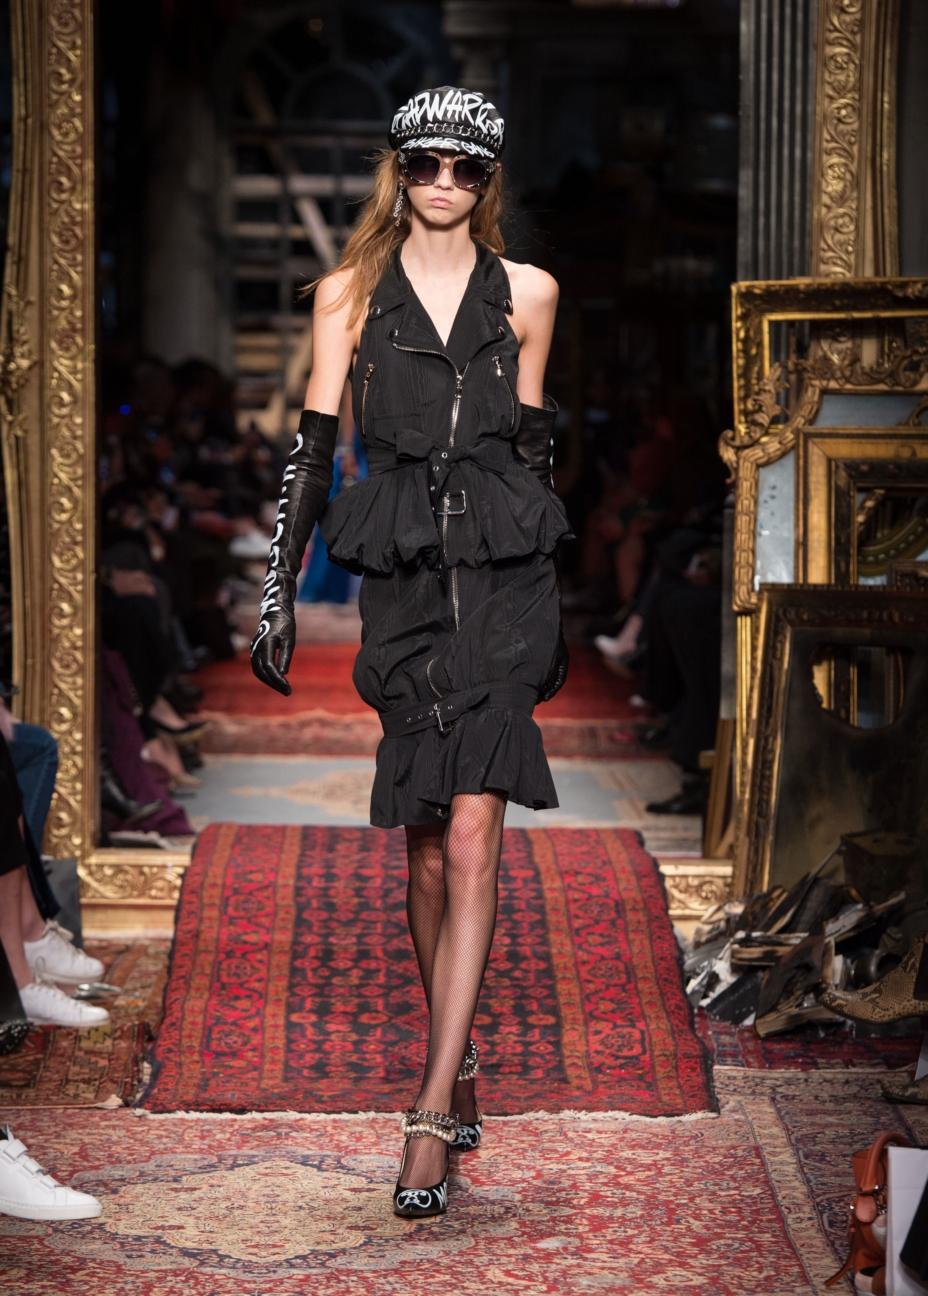 moschino-milan-fashion-week-aw-16-6